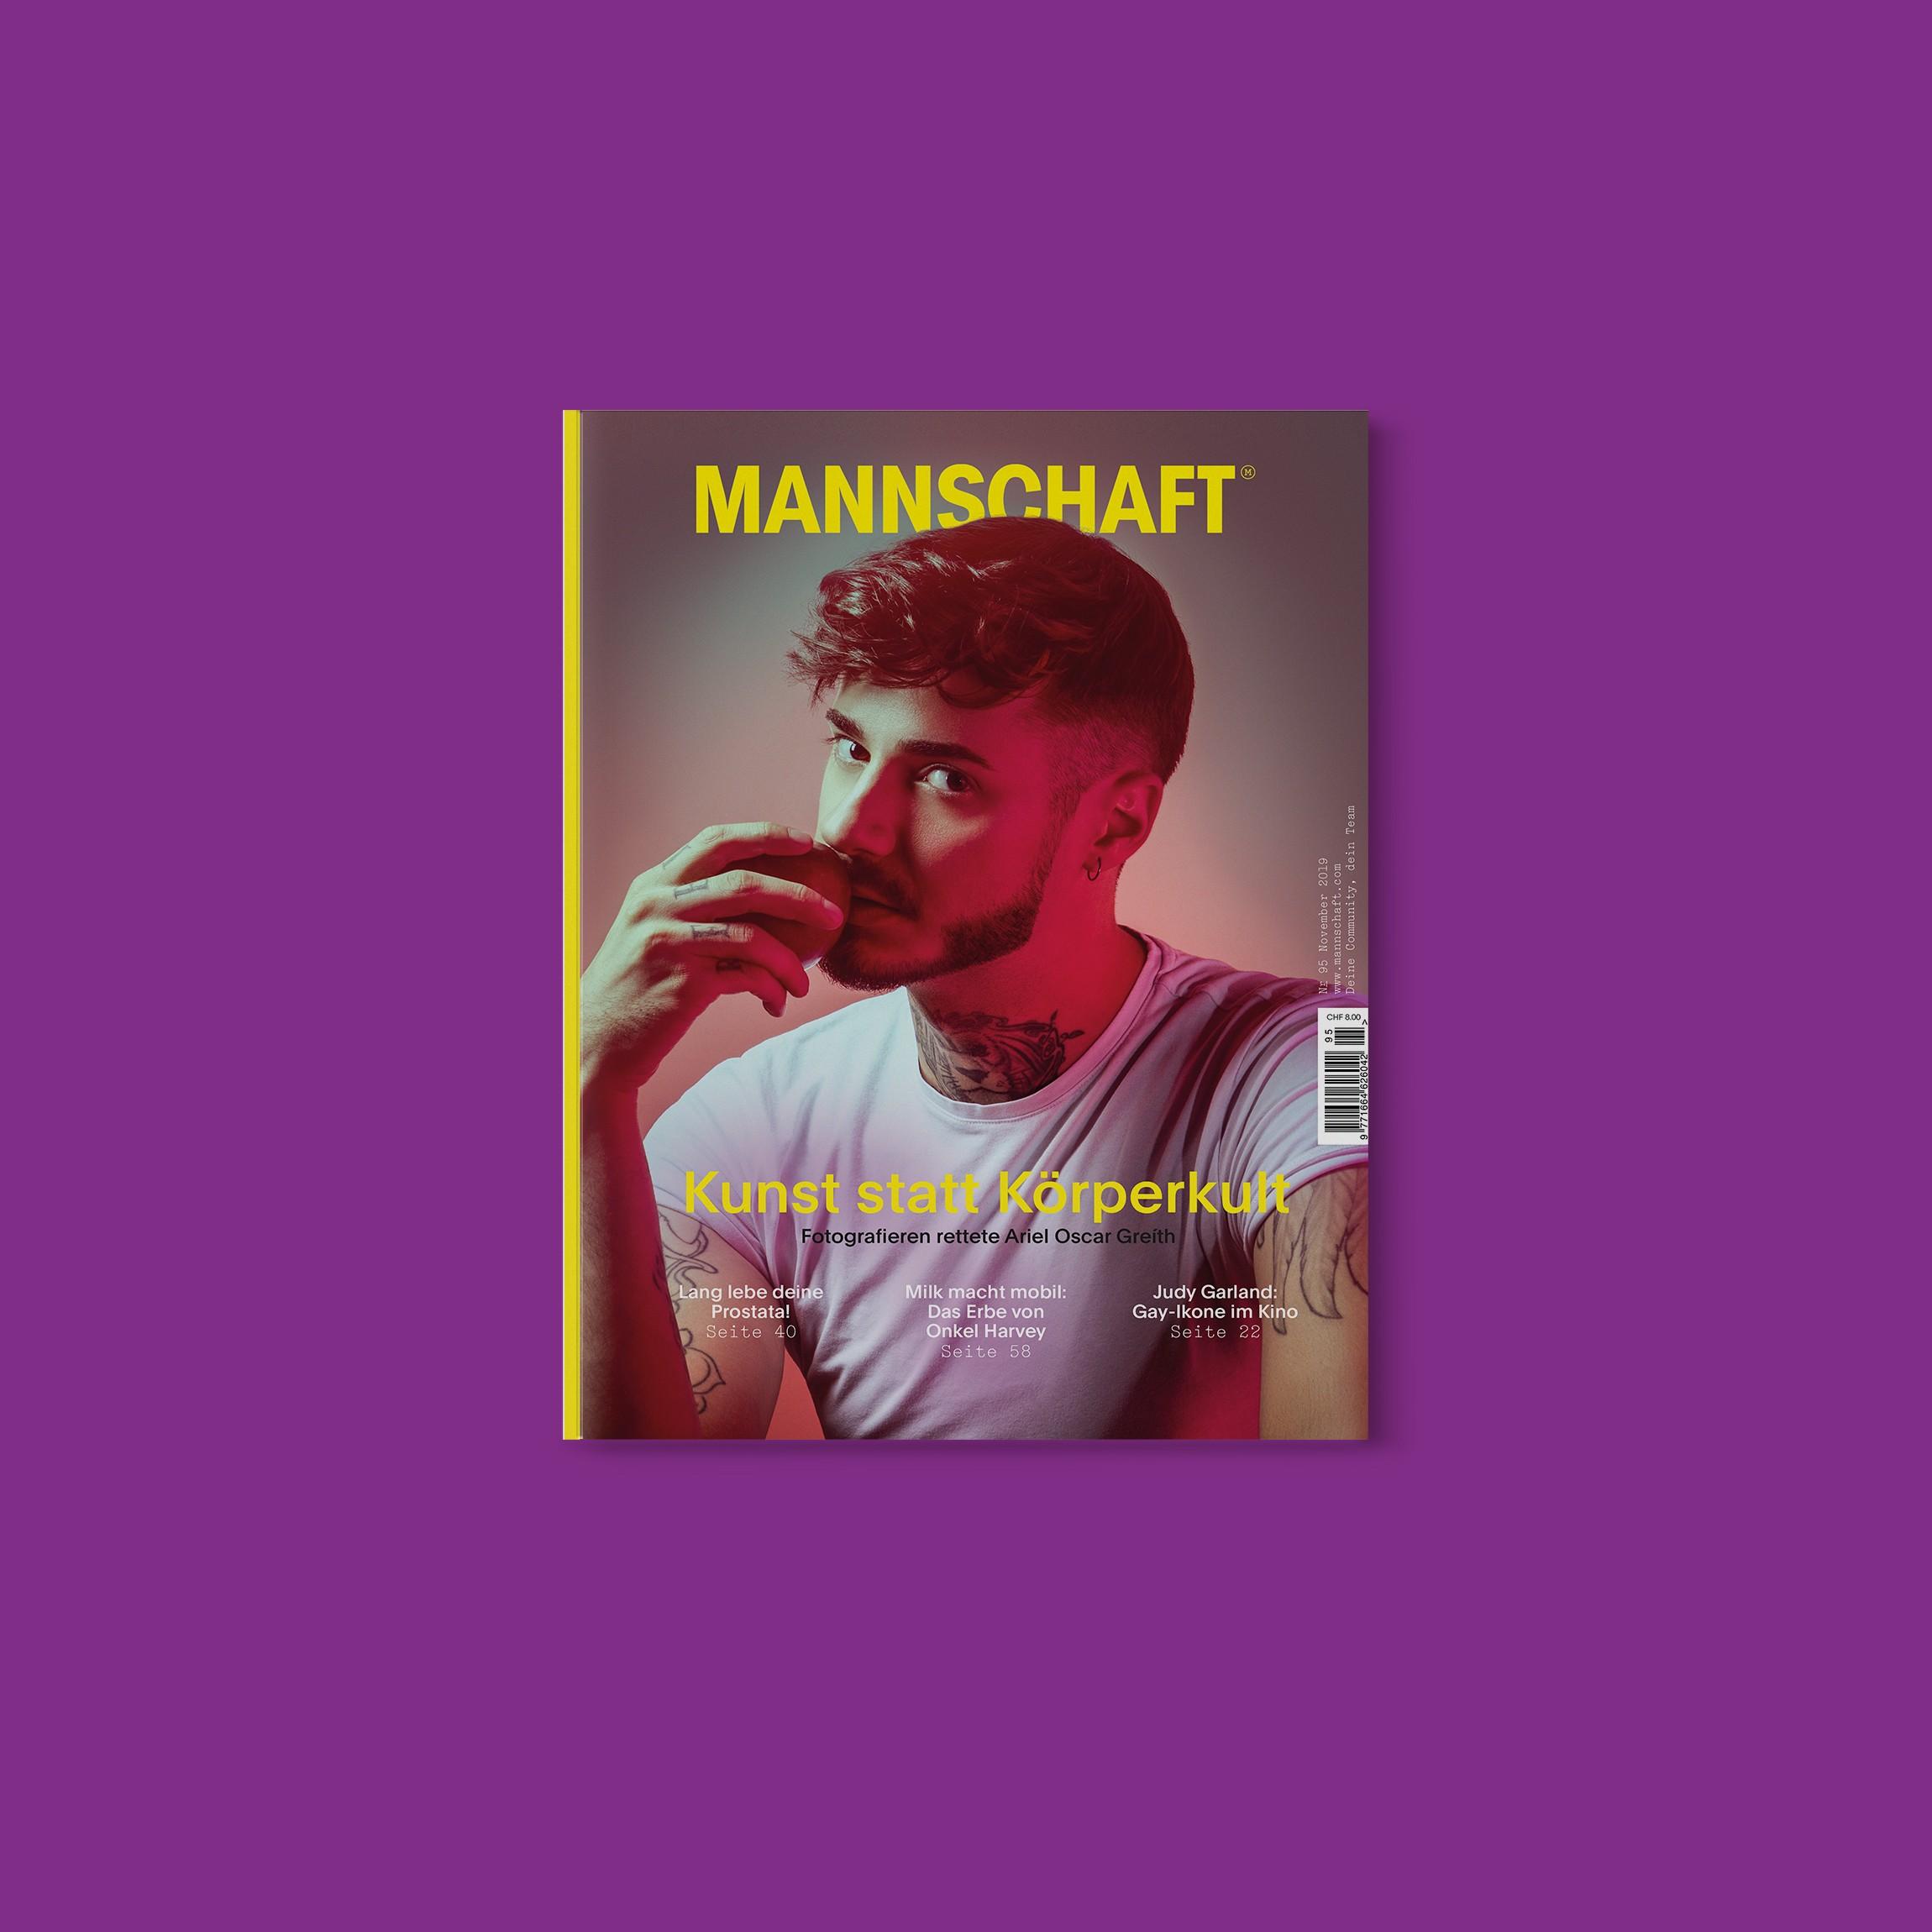 Das bringt die November-Ausgabe der MANNSCHAFT!